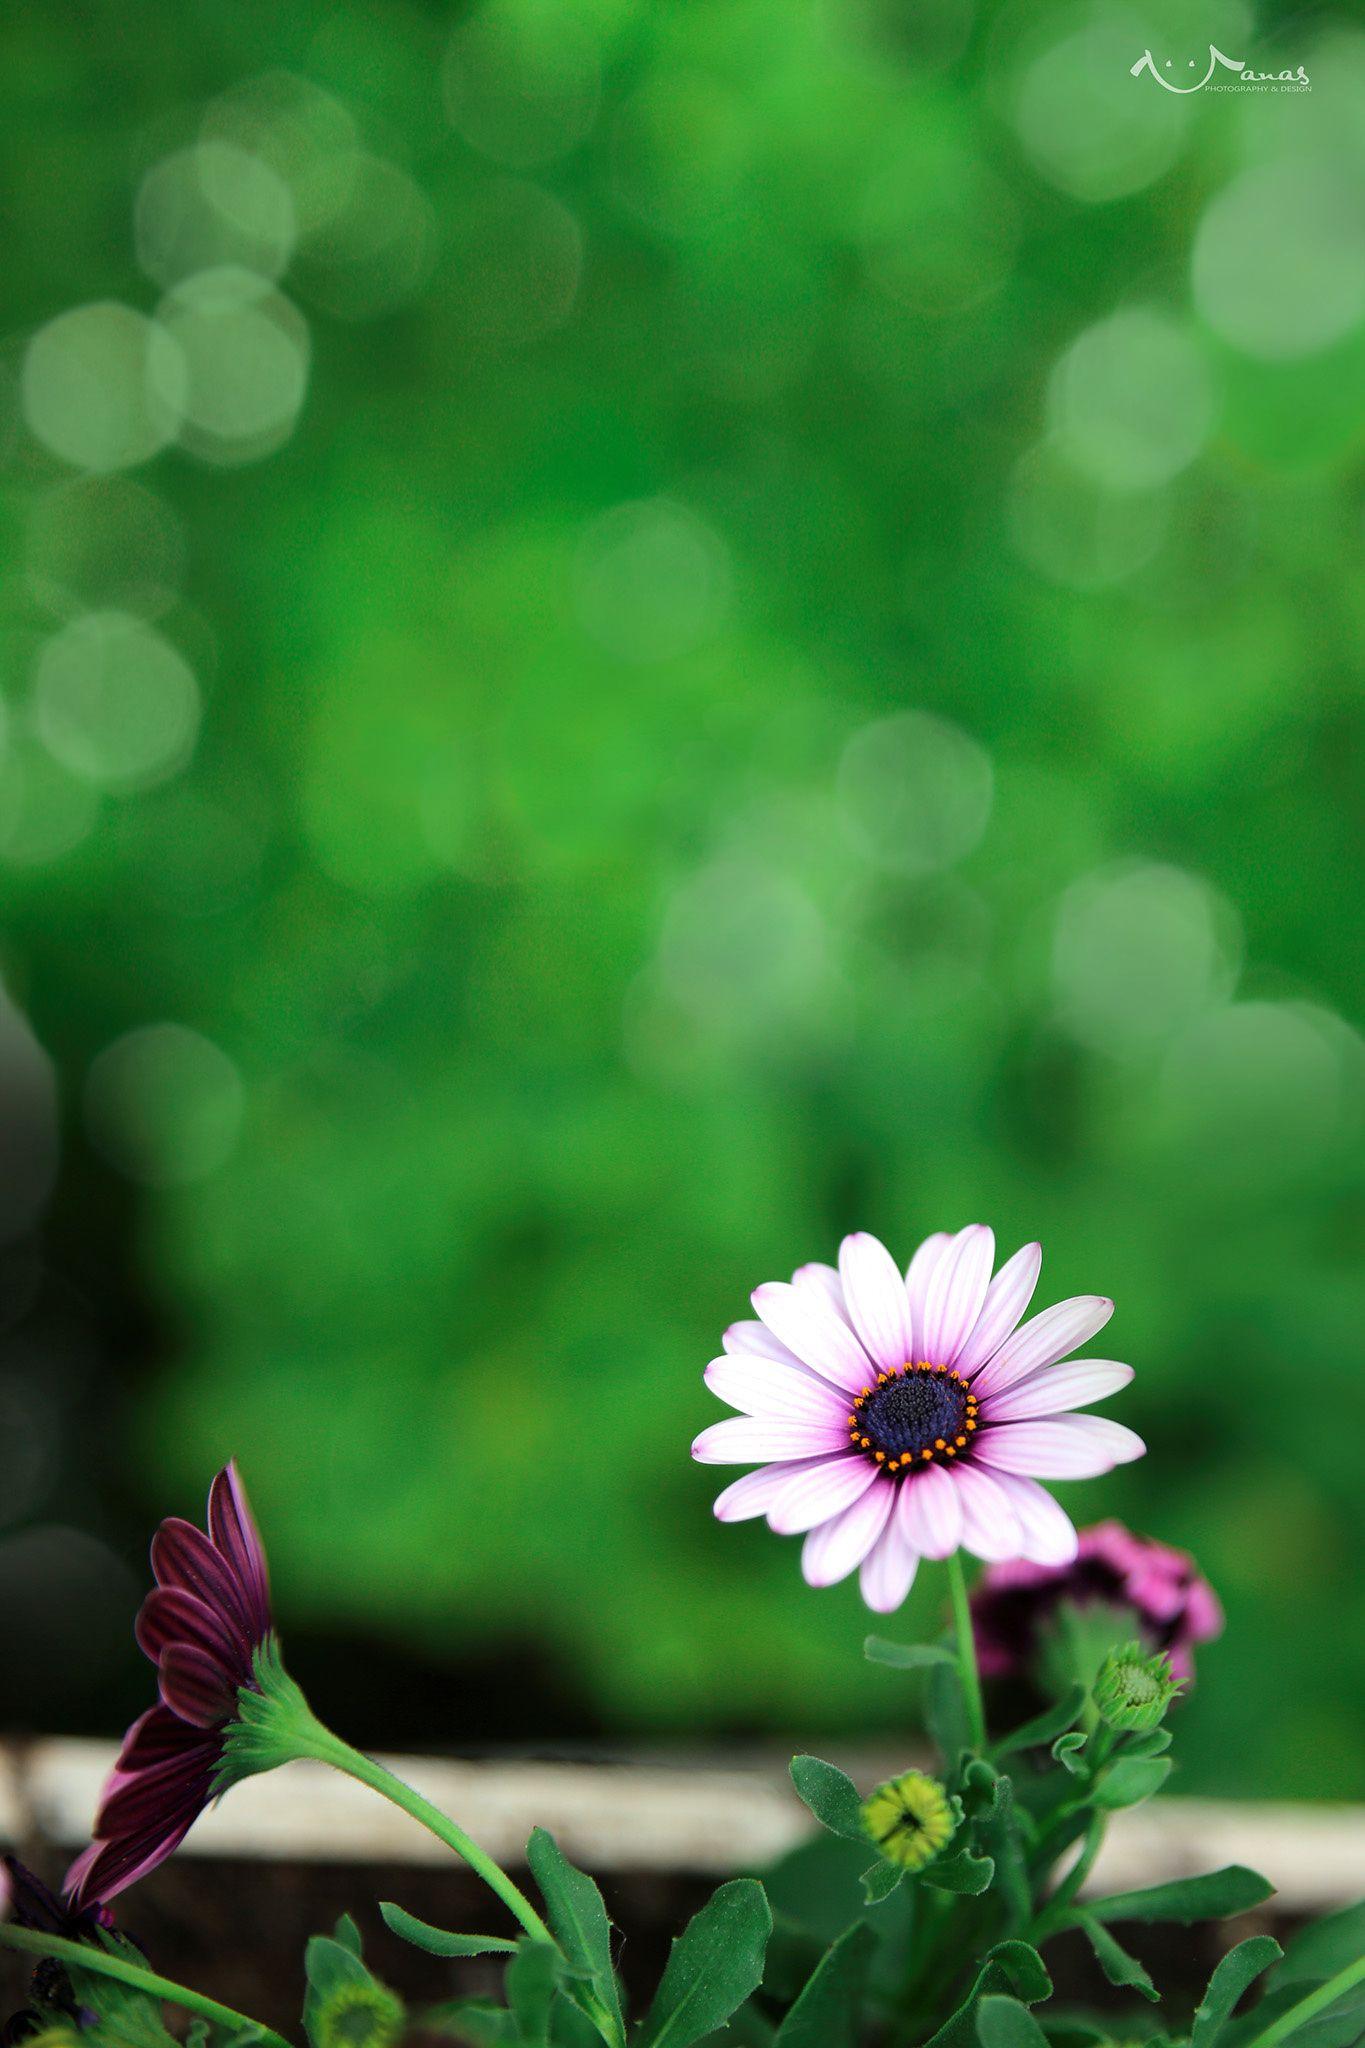 Light Purple Flower Beautiful Flowers Pinterest Flowers